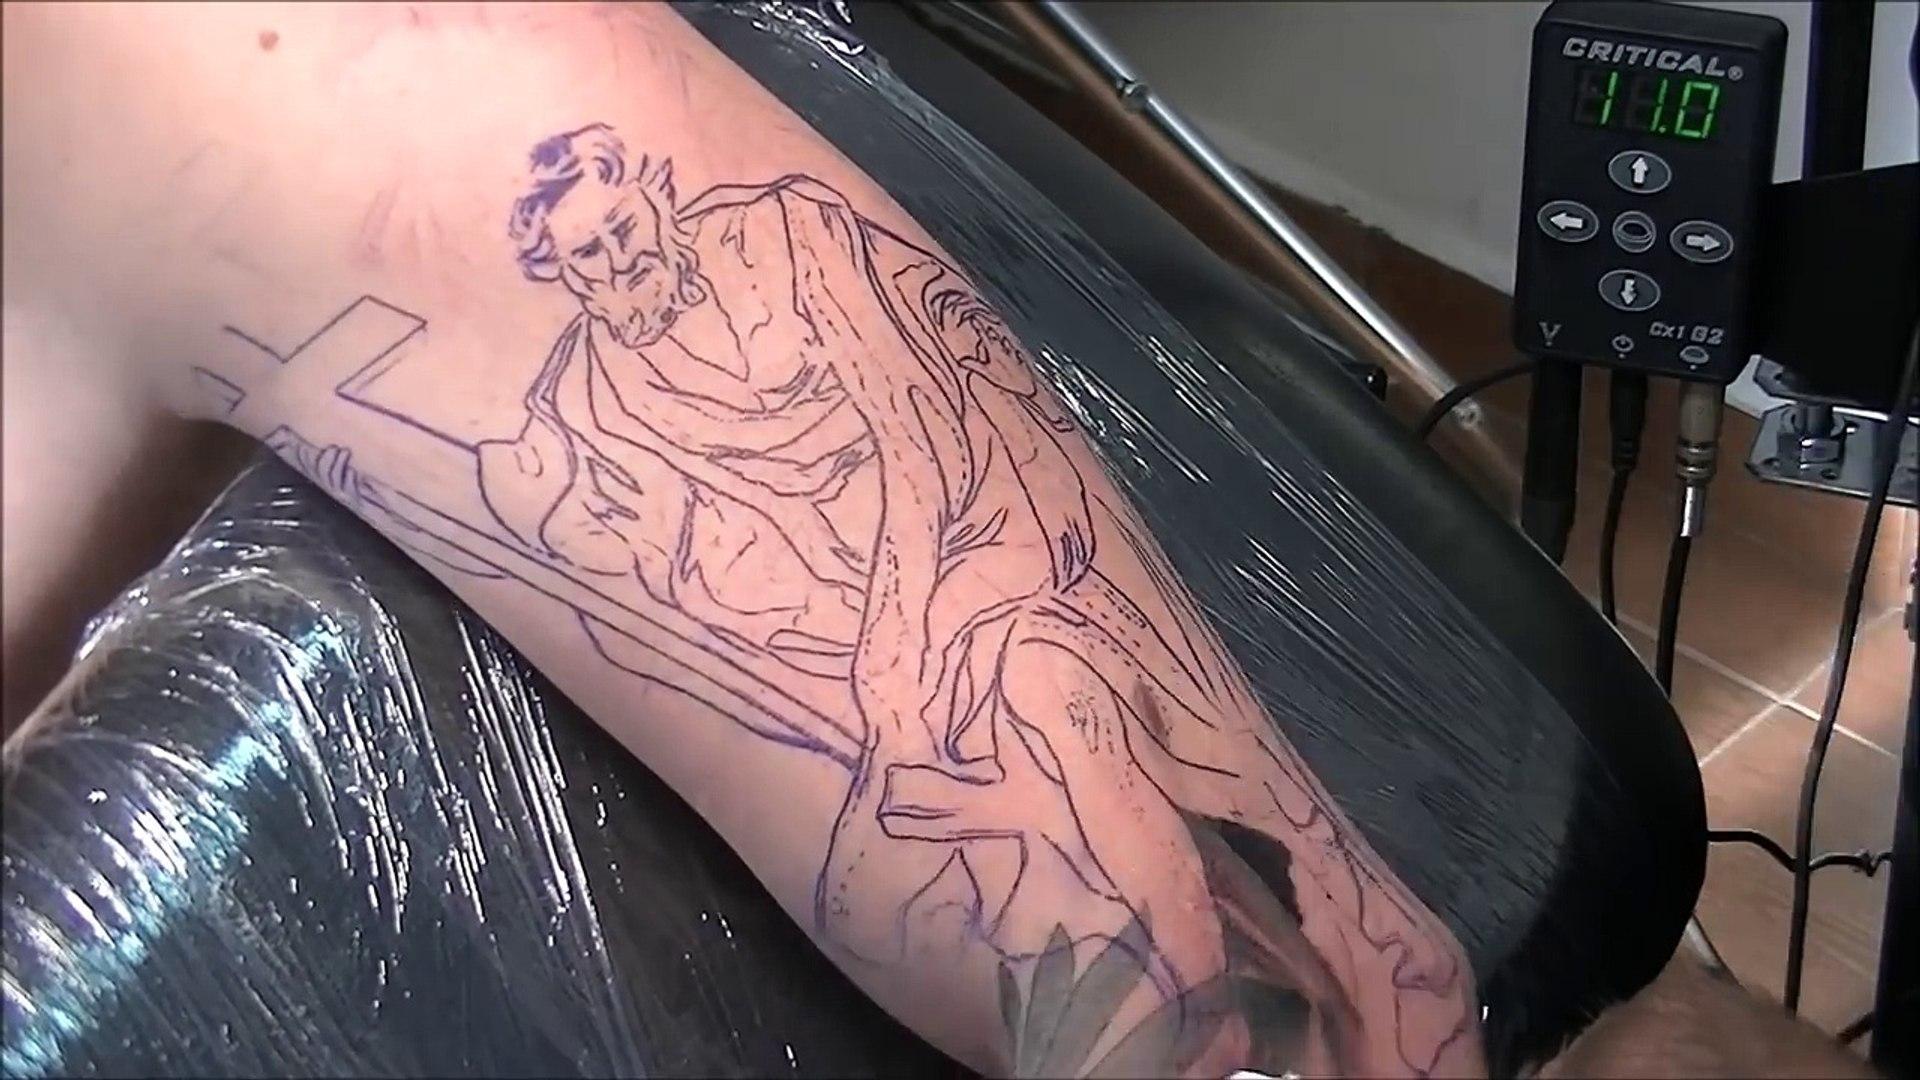 Religious statue tattoo - time lapse-6fLXwxXCPZw